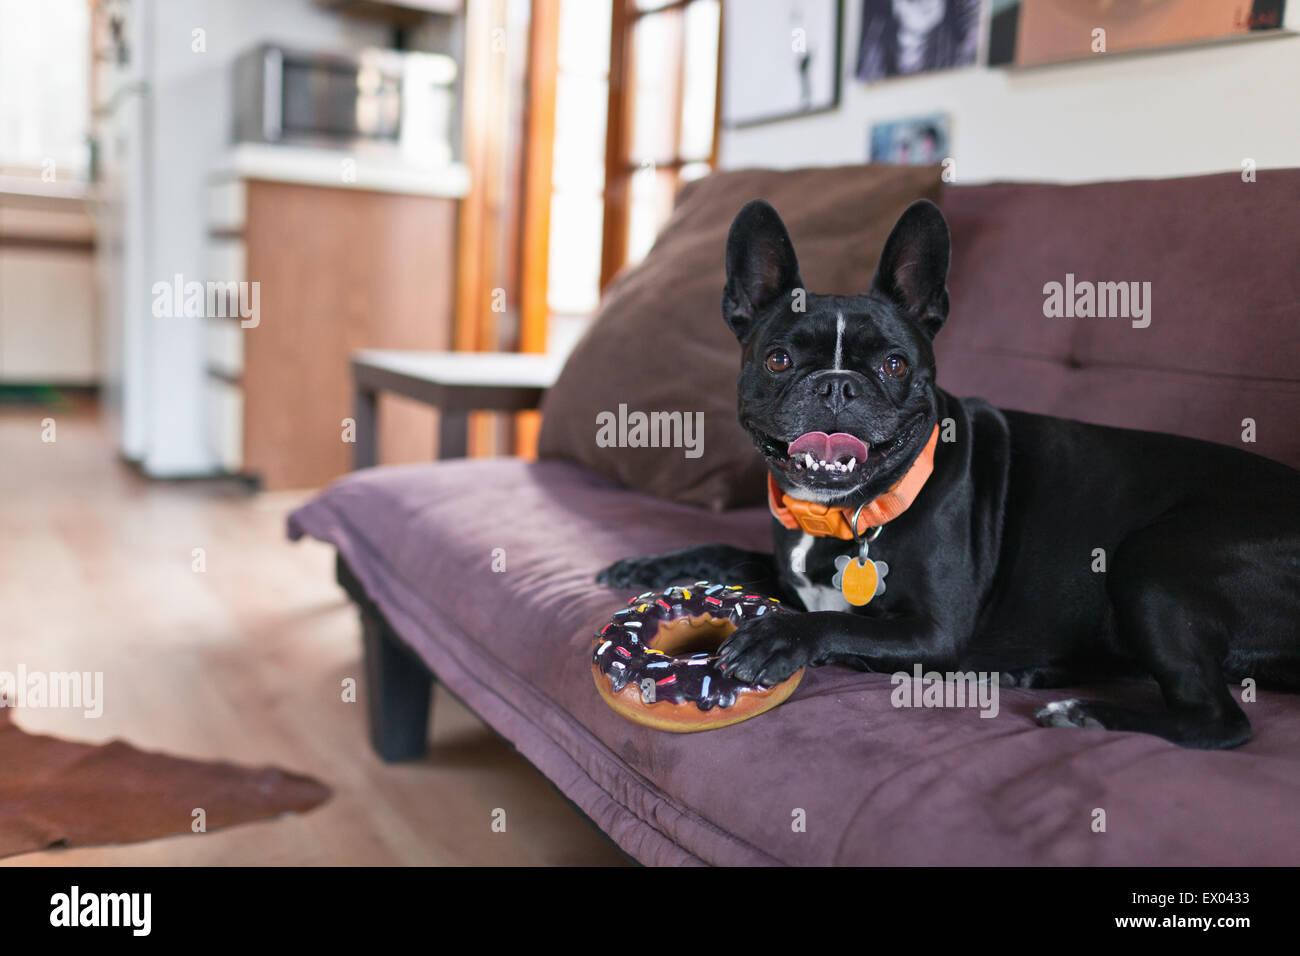 Retrato de perro en sofá sosteniendo en juguete de anillos Imagen De Stock